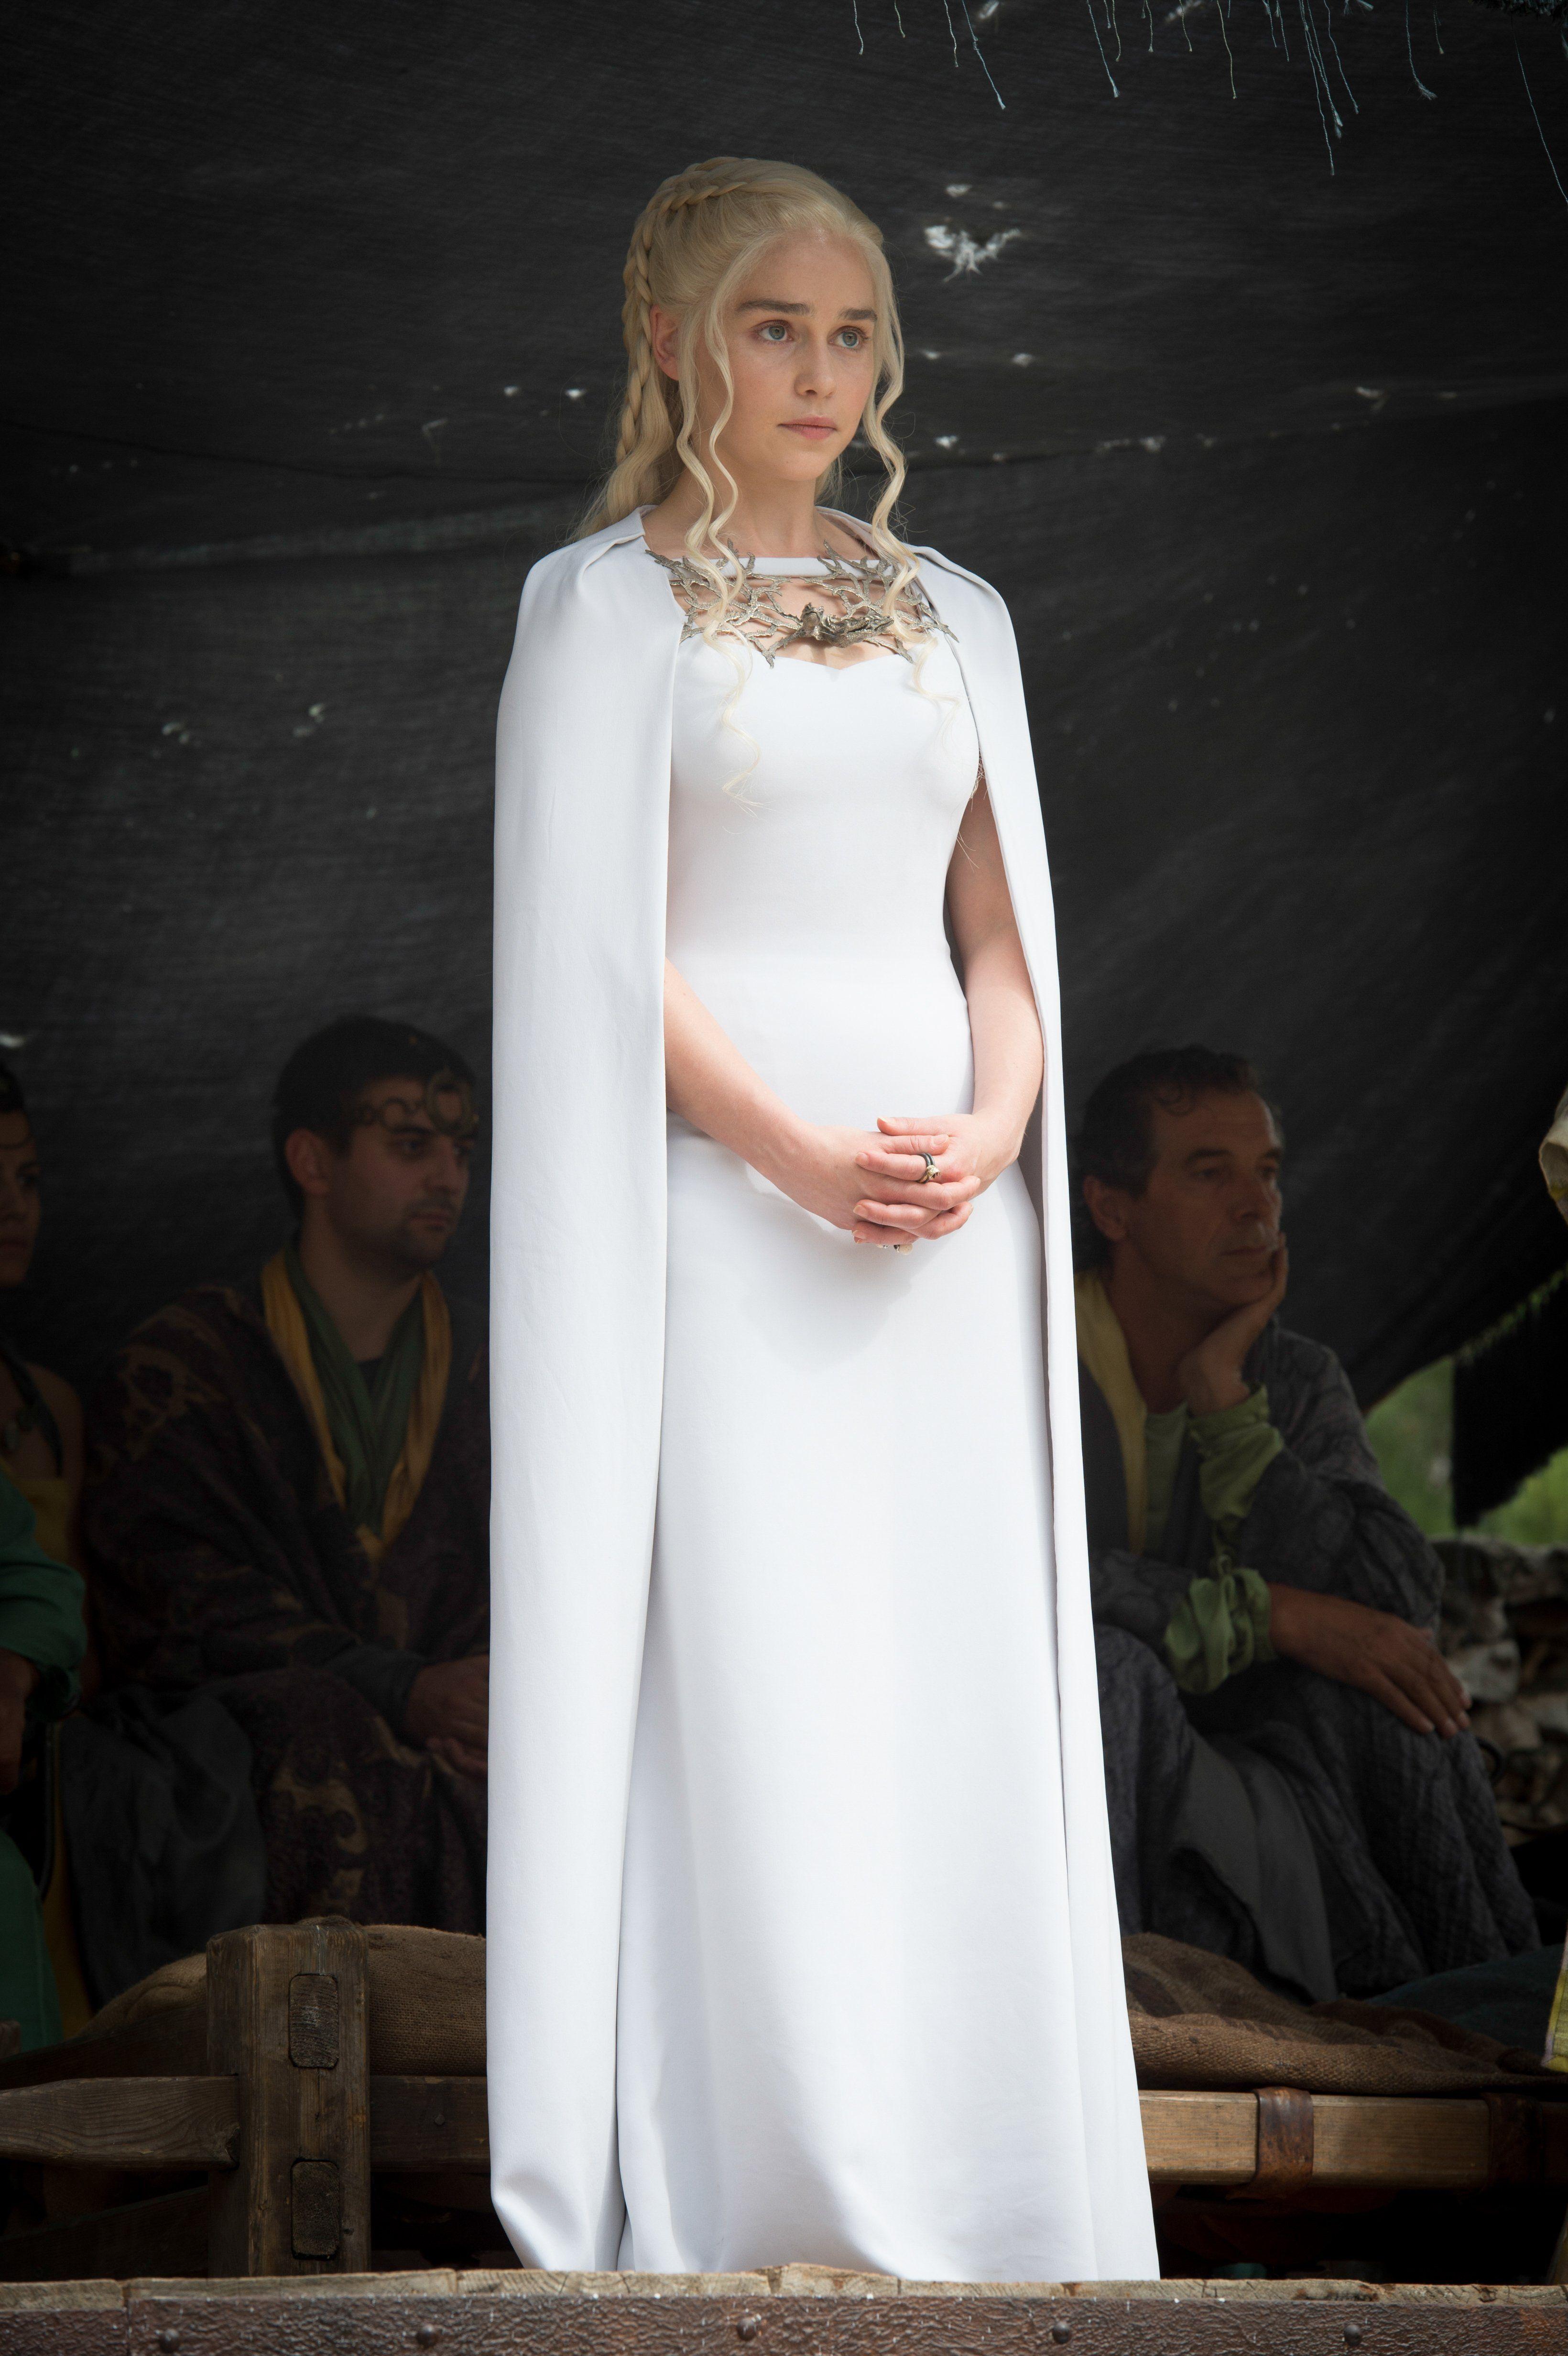 Daenerys targaryen and khal drogo wallpaper daenerys targaryen wedding - Daenerys Targaryen And Khal Drogo Wallpaper Daenerys Targaryen Wedding 32